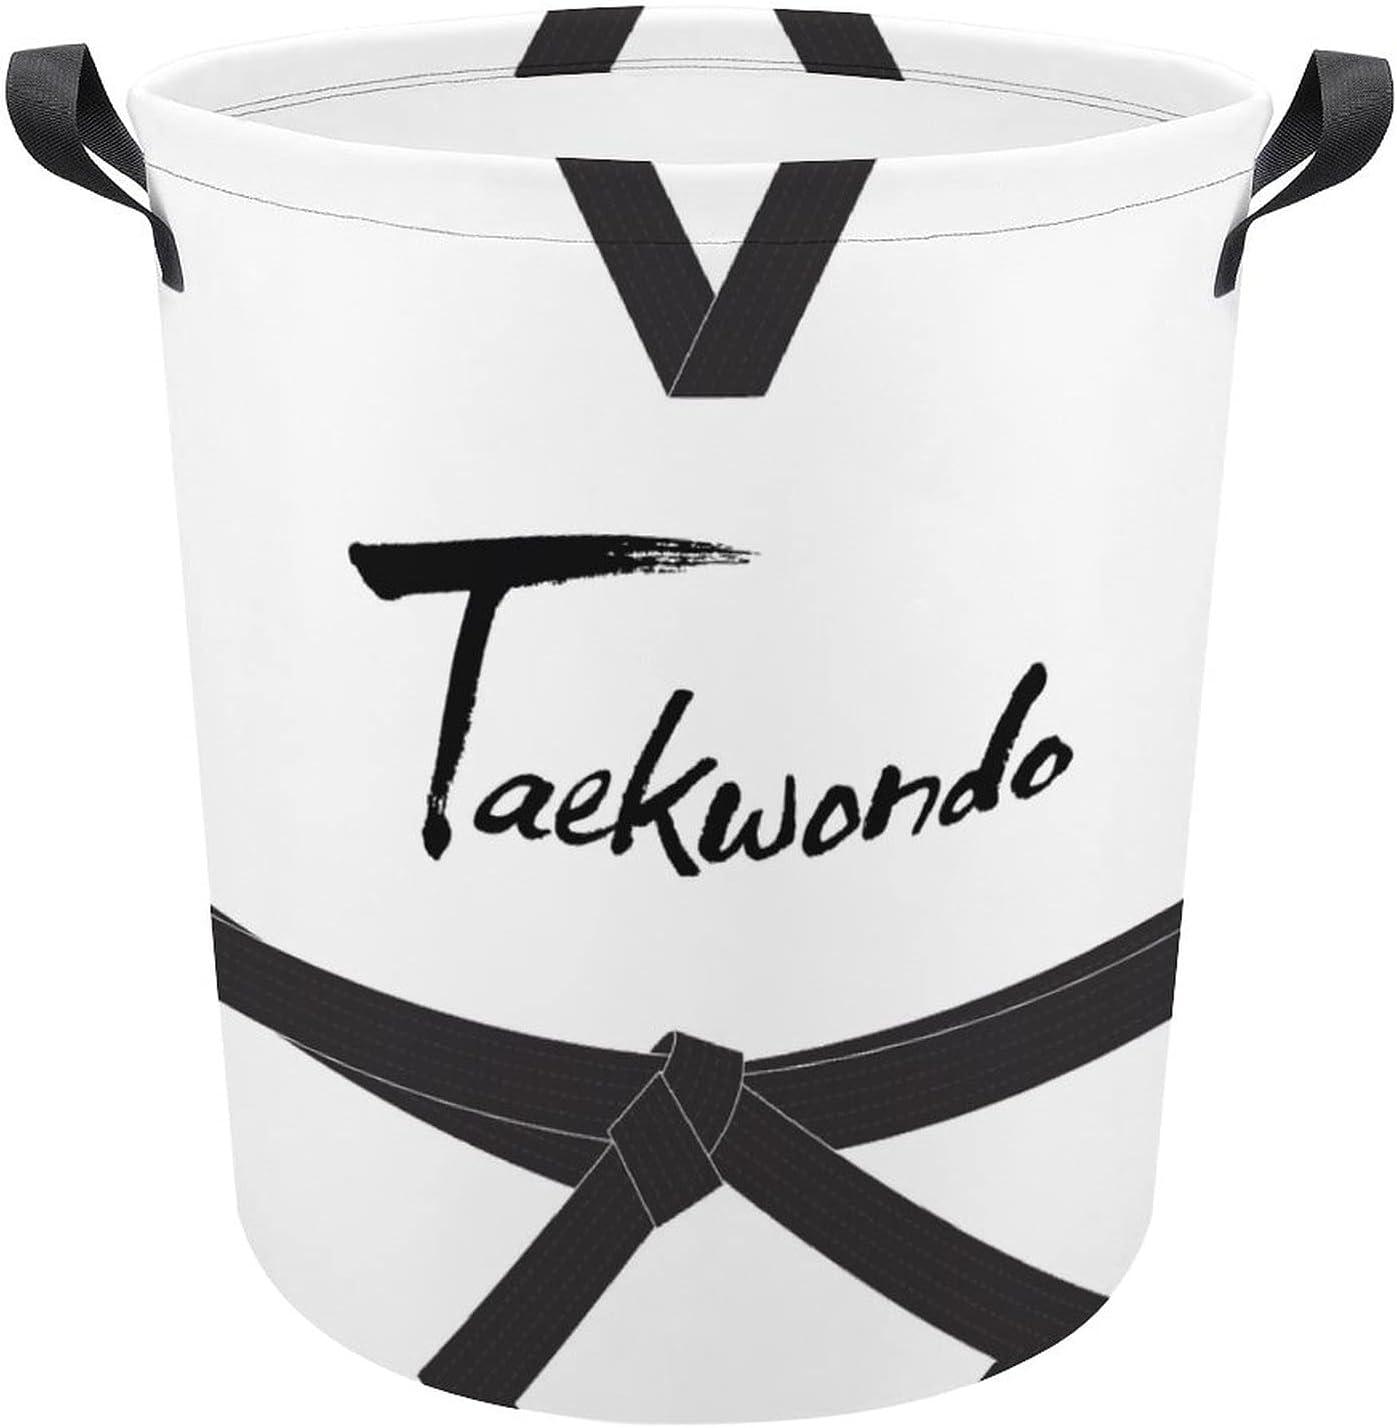 Max Oklahoma City Mall 54% OFF Hand Drawn Taekwondo Uniform Funny Cute Hamp Laundry Oxford Gift